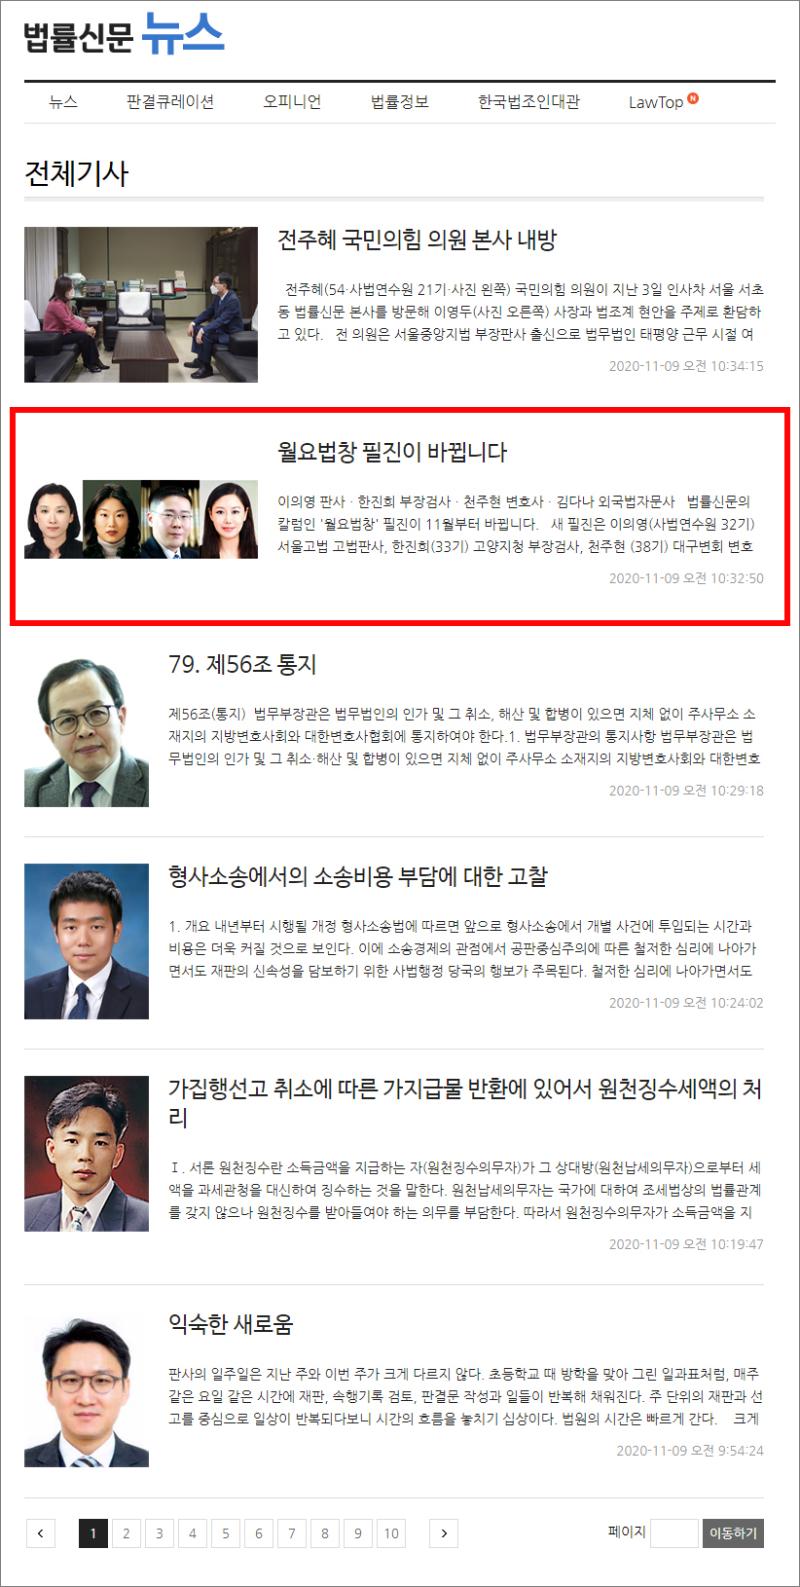 온라인 메인_뉴스(월요법창 필진이 바뀝니다)-2020. 11. 9-테두리.png